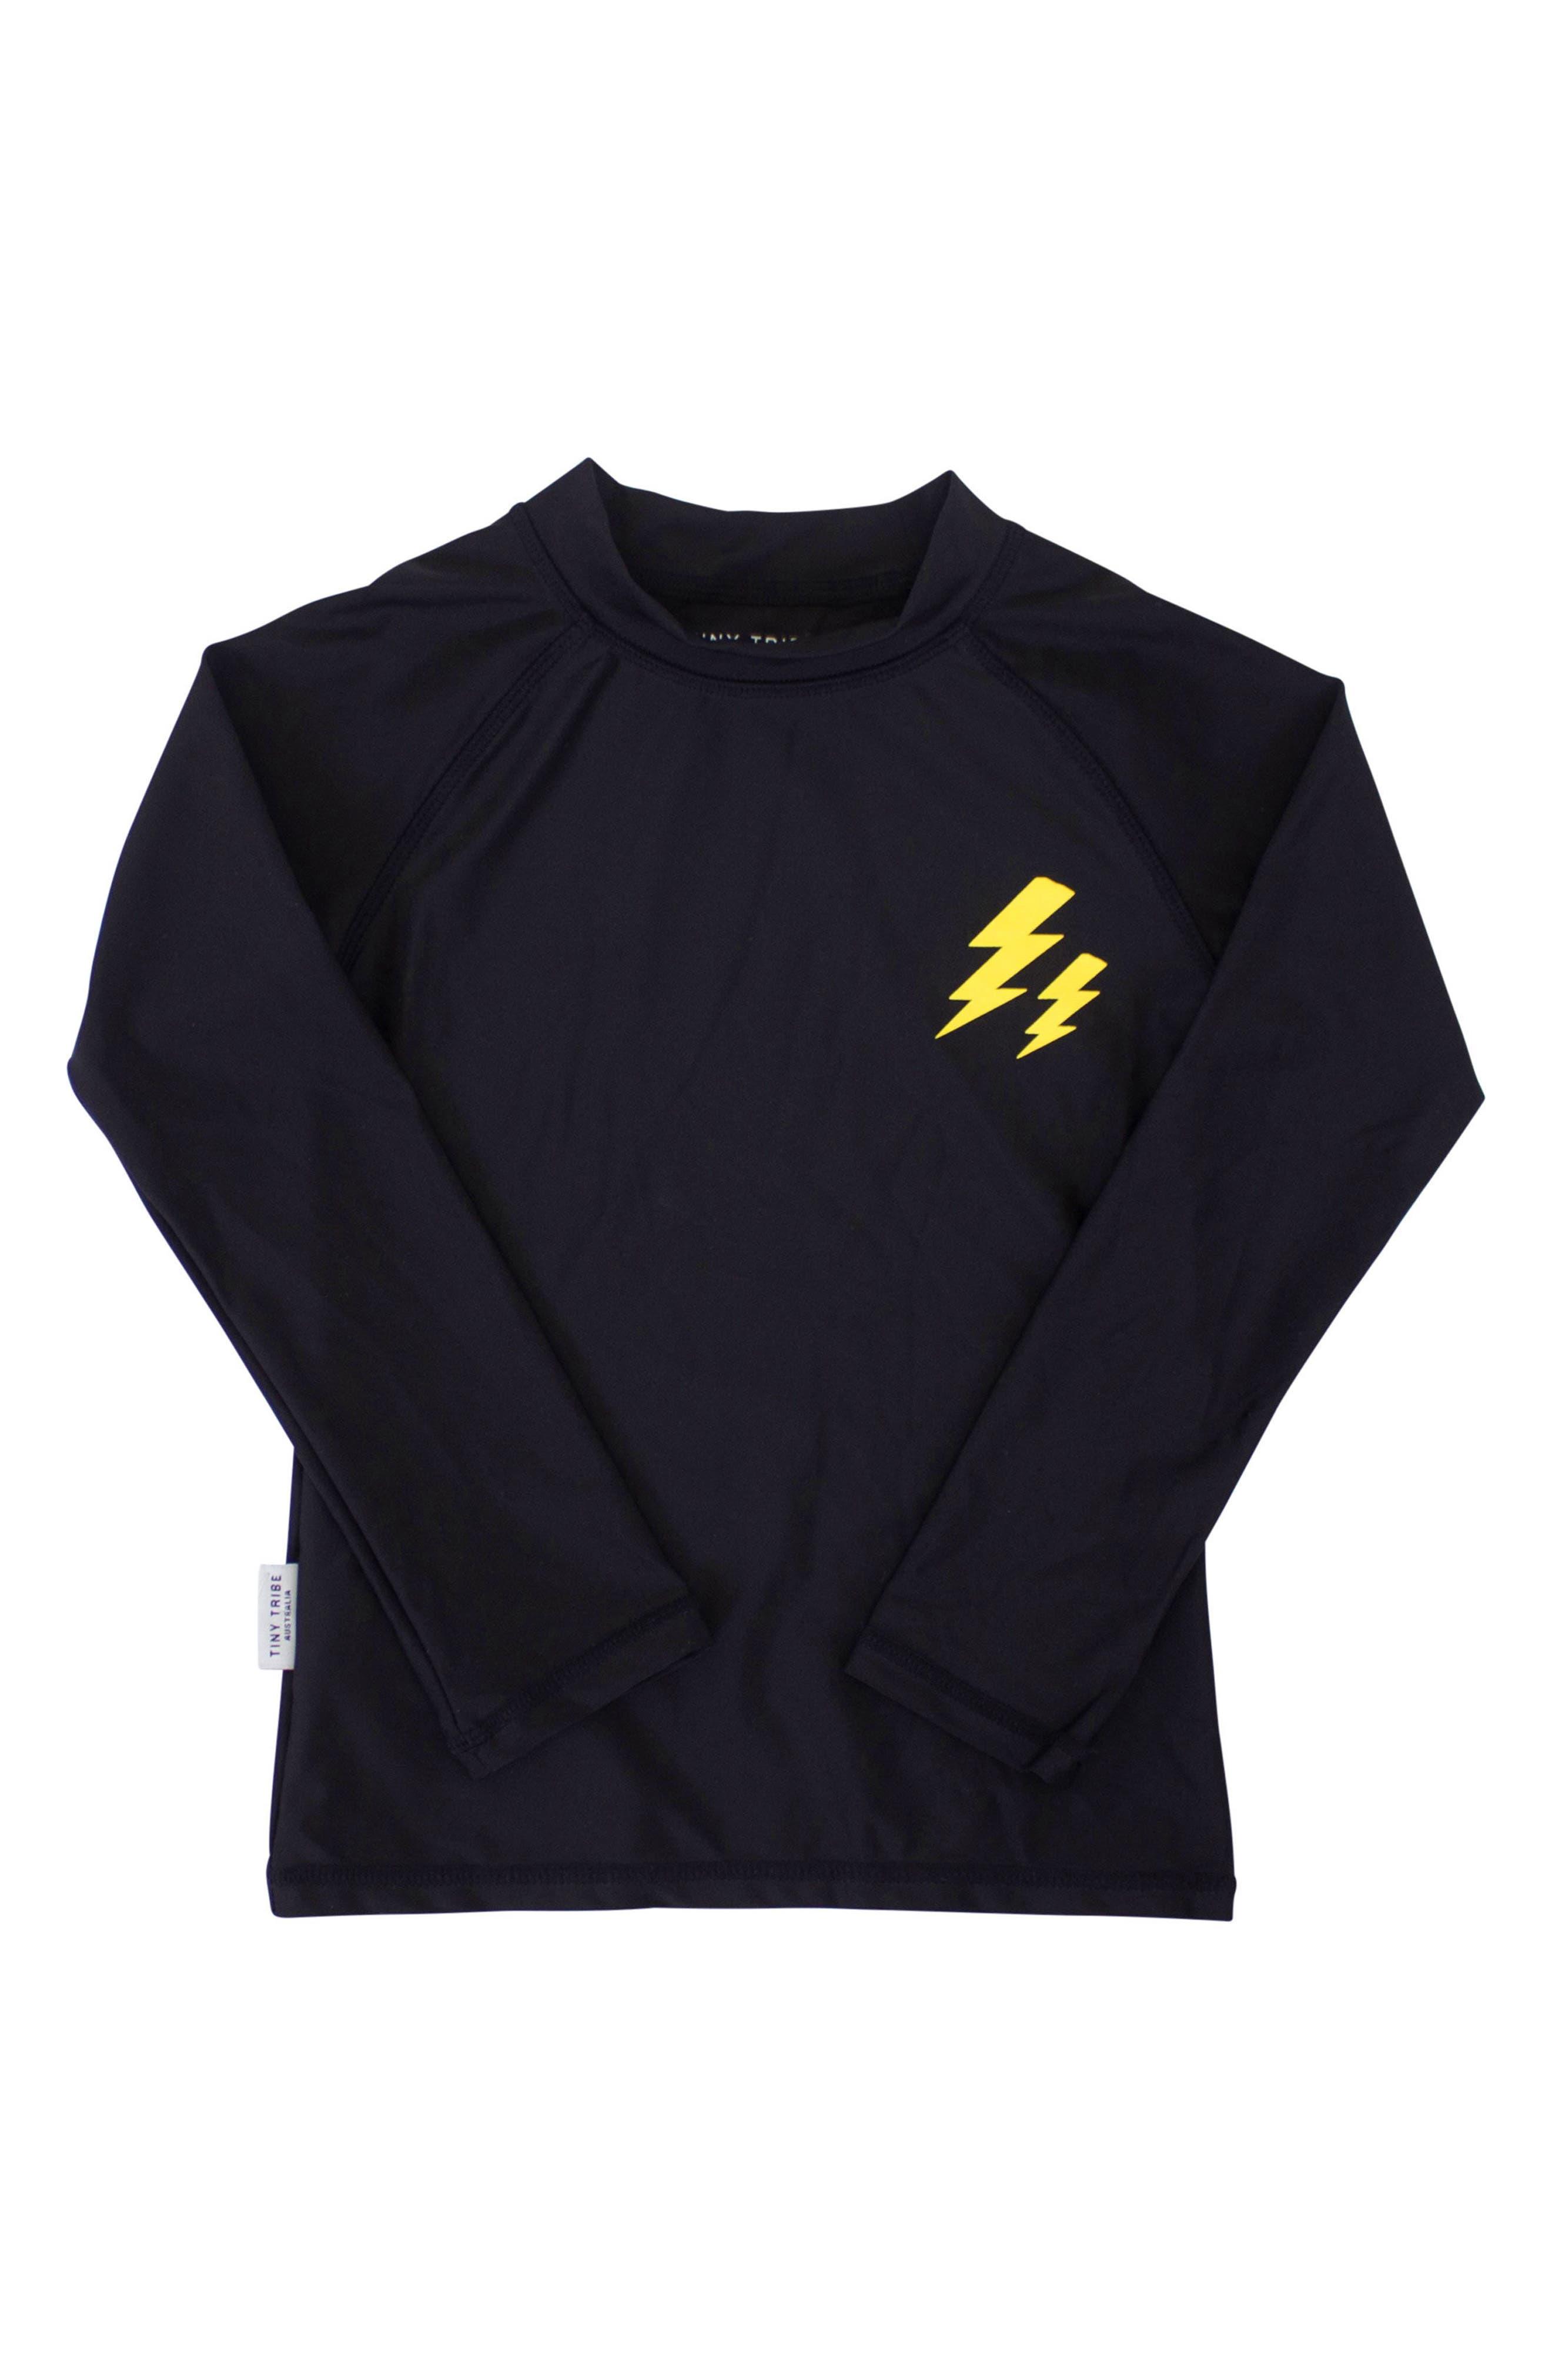 Electric Rashguard Top,                             Main thumbnail 1, color,                             Black